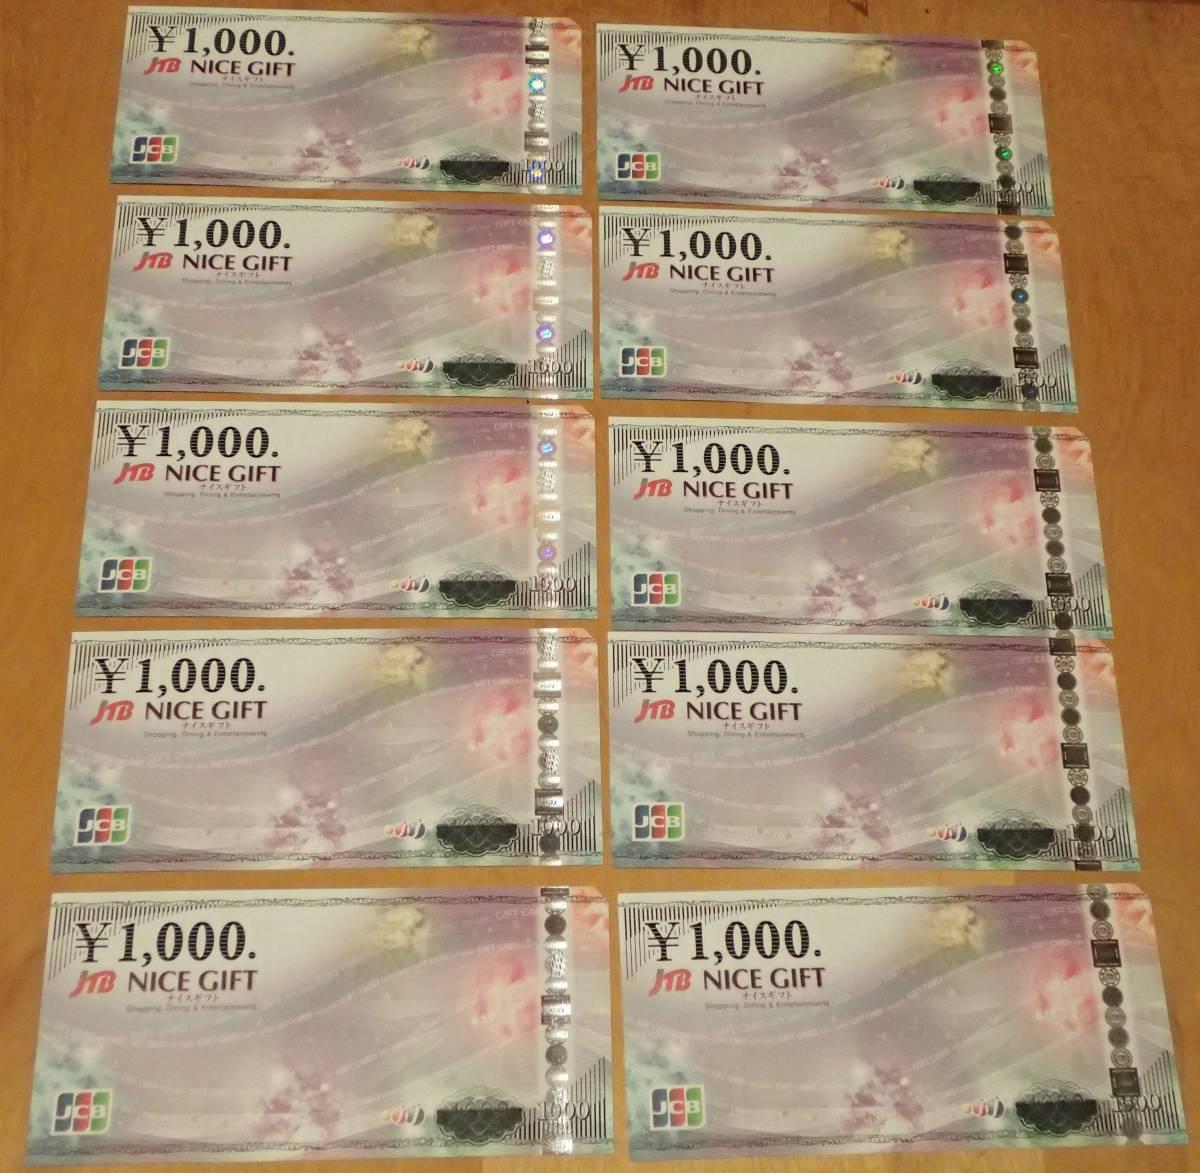 JCB ギフト券 ギフトカード ナイスギフト 10000円分(1000円券×10枚)